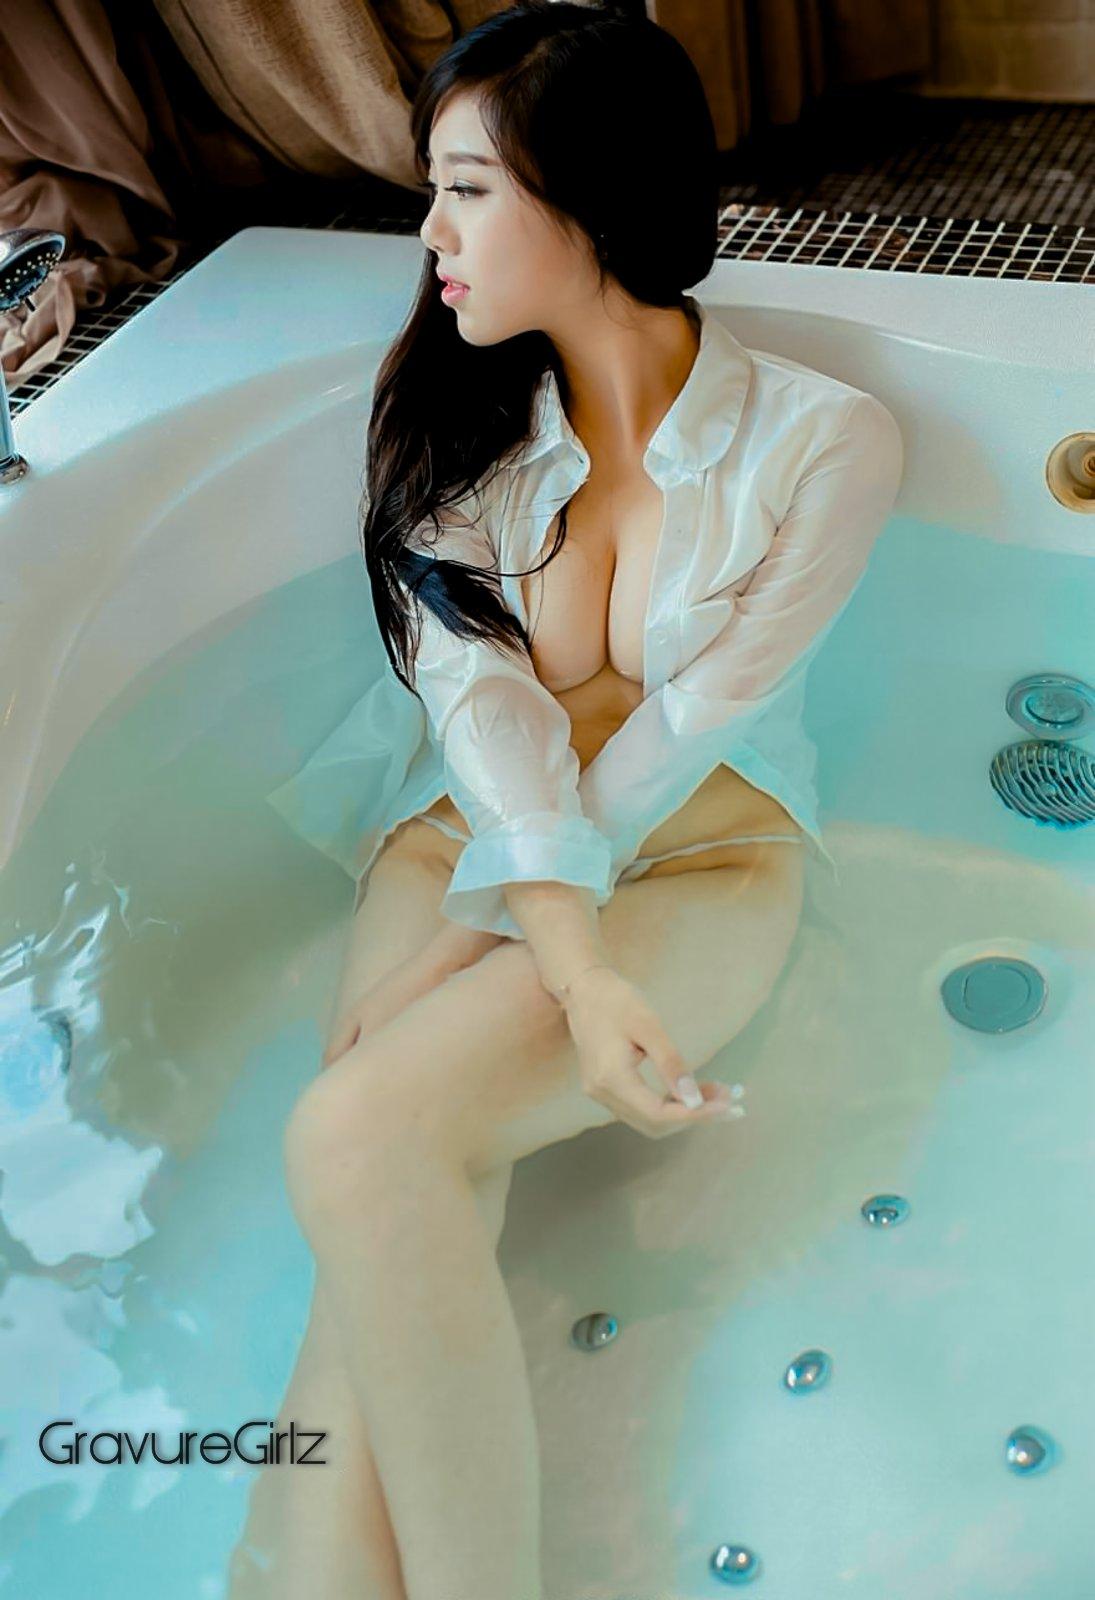 影私荟 [WingS] 2016.07.05 VOL.006 沐若昕